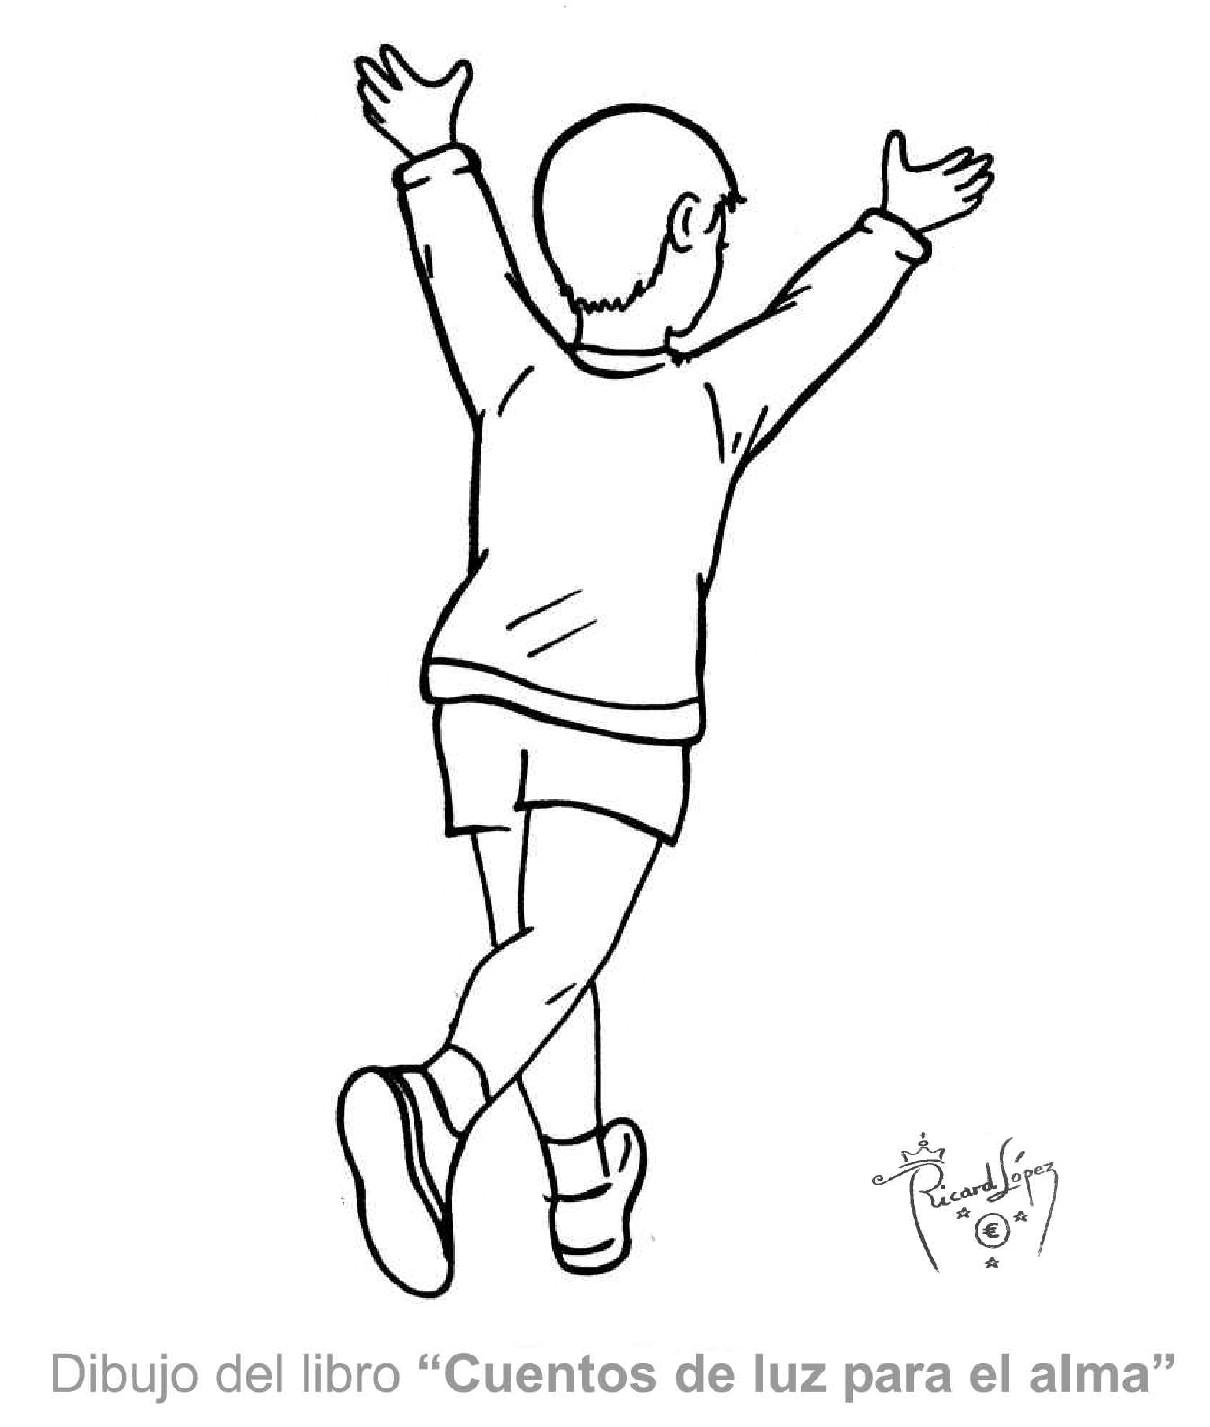 Dibujos muy originales para colorear: Dibujo de un niño corriendo